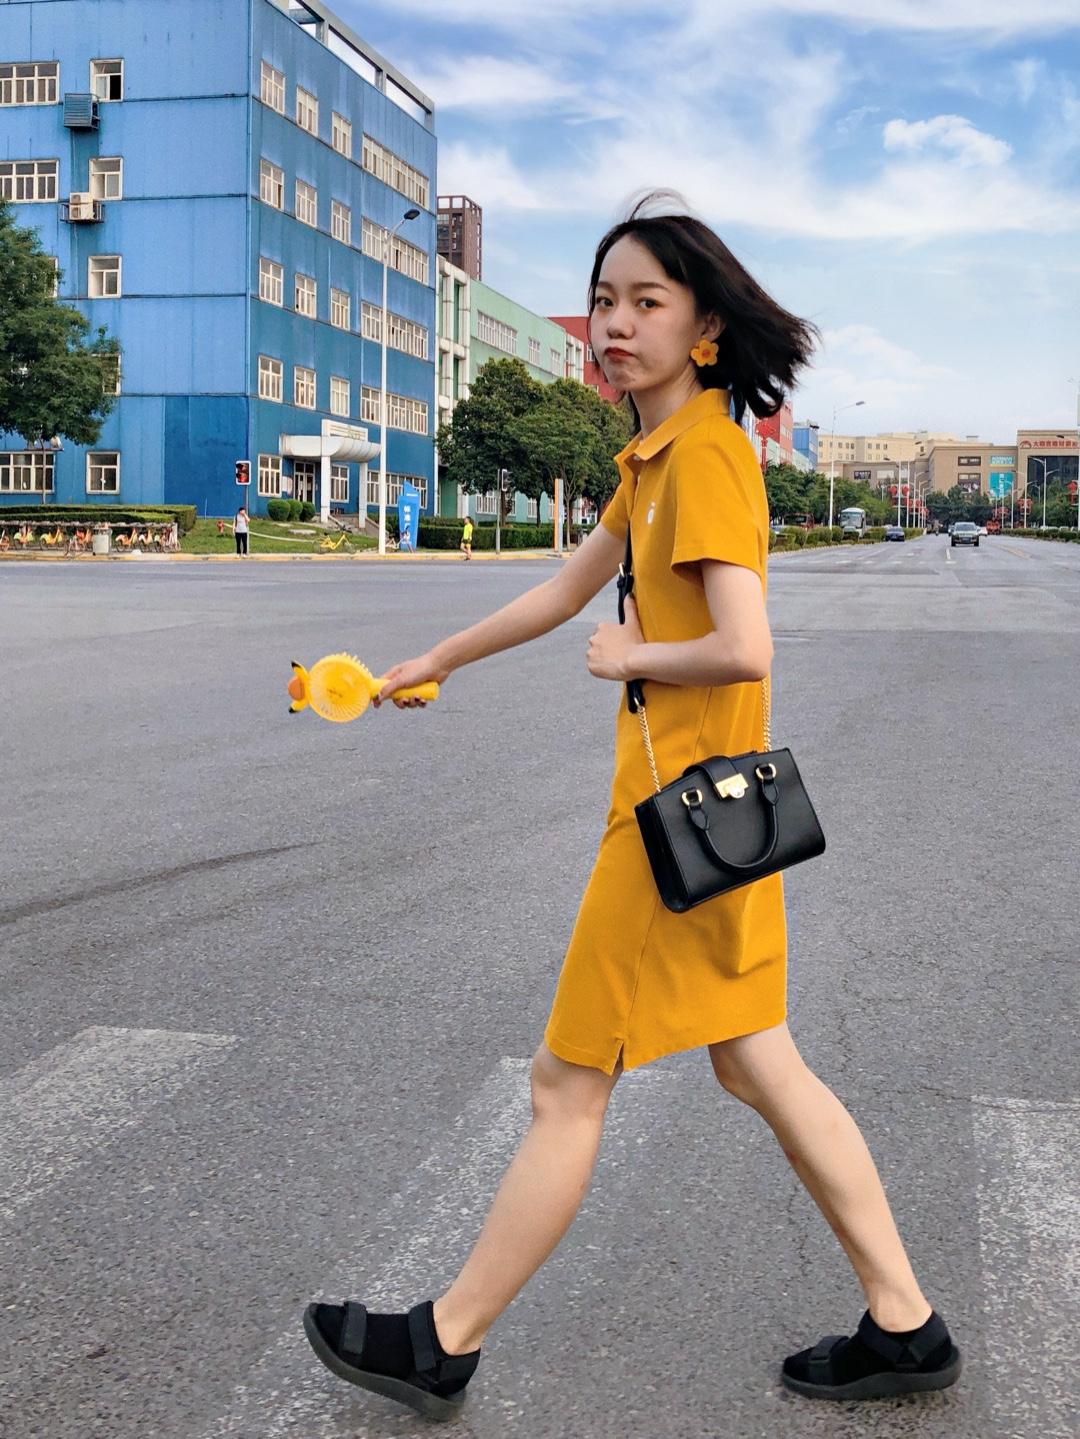 ZhOOTD |  夏日活力出街look 🍦Polo裙原本就是休闲有活力的裙子类型,黄色的颜色又让它的活泼感增加了哦  💛黄色+黑色 耳环是黄色的花花,手里是黄色的小风扇,裙子同体黄色,这样的颜色配黑色或者白色都会很好看哦,我选了黑色的小单肩包,还有脚感超级舒服的优衣库的凉鞋,配上配色的短袜,绝对是方便舒适的夏日出街look ✨最近天气特别热出门带个小风扇真的是必不可少滴!今天天气不太晒所以我没有打伞,但如果天气很热的话真的不要忘记哦,当然还要记得多涂防晒多喝水! #夏日朋友圈实用上镜指南!#